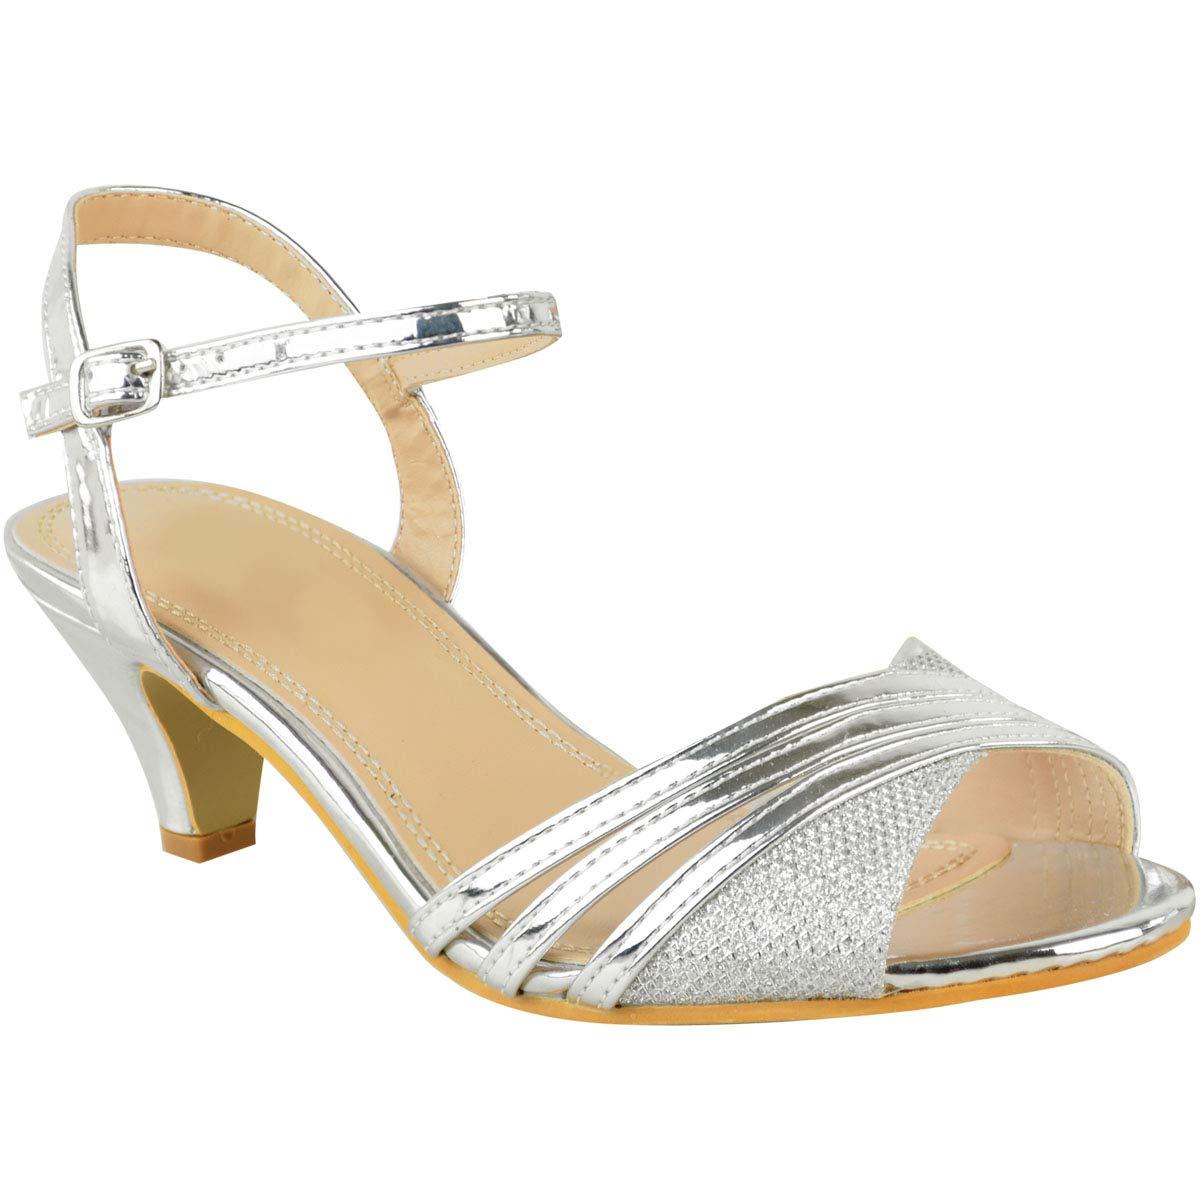 06f72287d Fashion Thirsty Las Mujeres Tacón de Señoras bajo Sandalias de Fiesta Tiras Boda  Dama de Honor Zapatos Talla Heelberry  Amazon.es  Zapatos y complementos